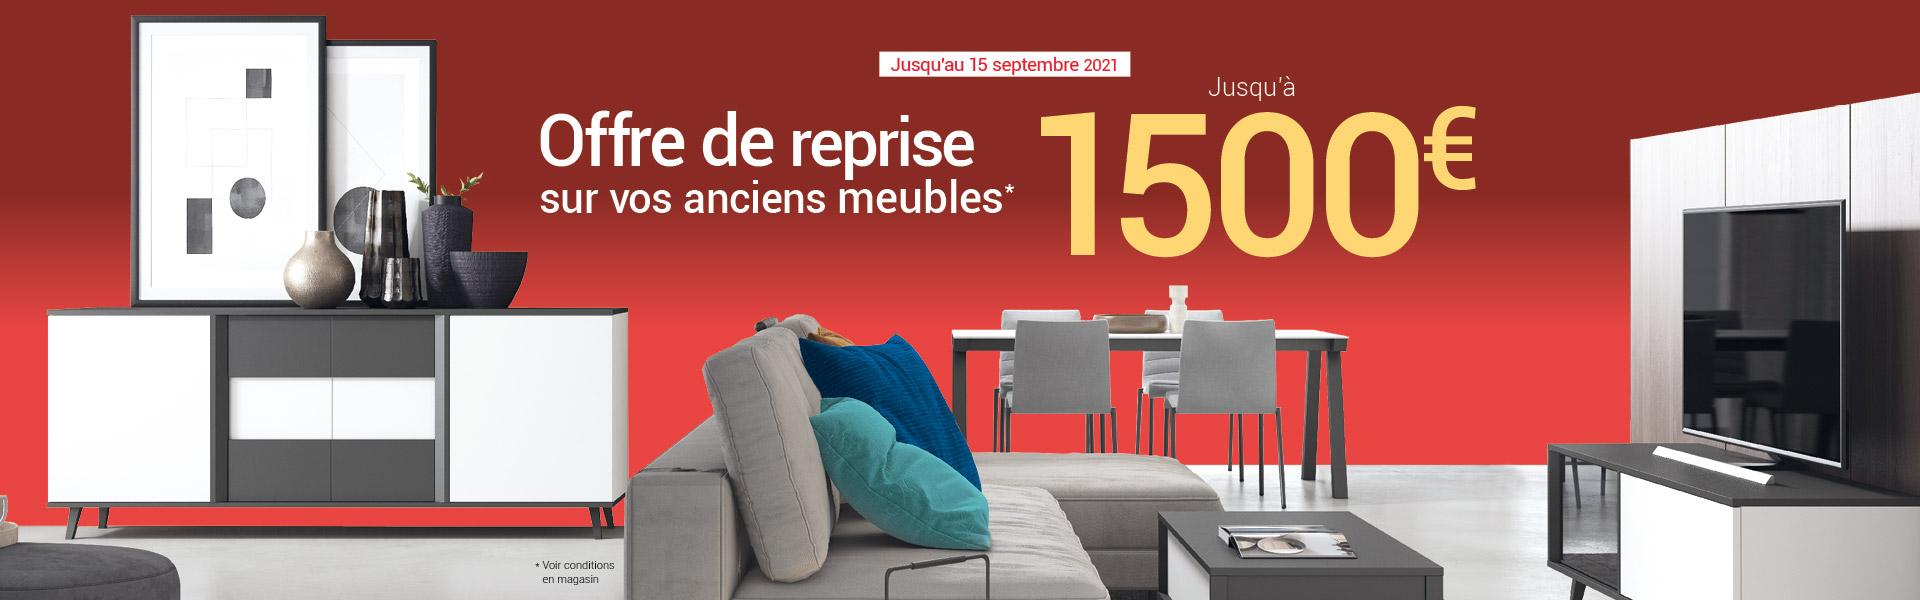 ATL113_Carroussel_GRAINE_DE_CHEF_1920x600_V22